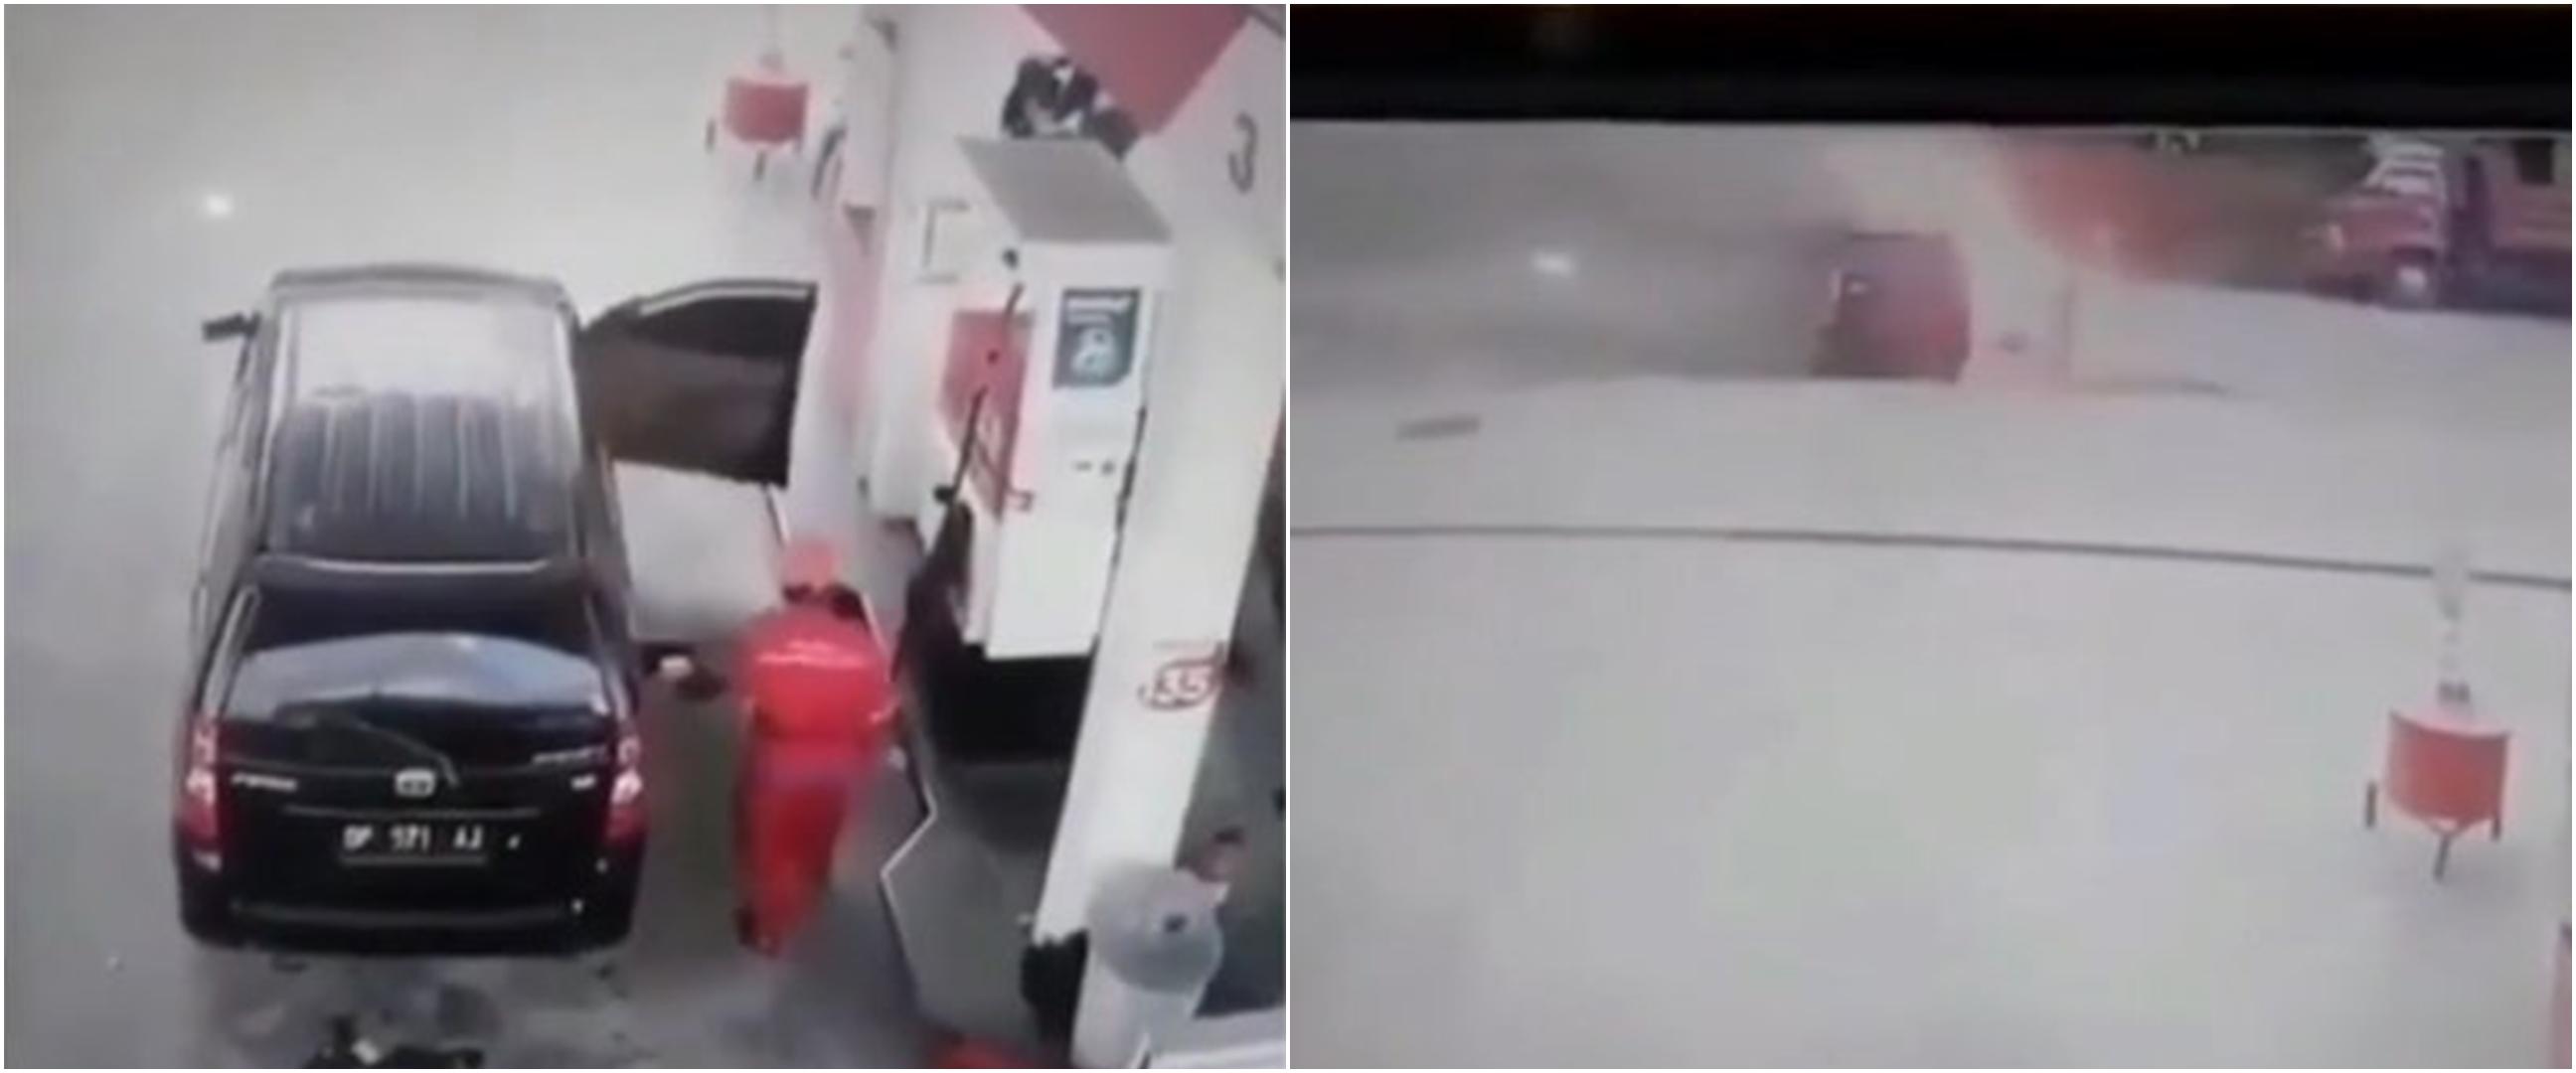 Aksi heroik pria pindahkan mobil yang terbakar di pom bensin